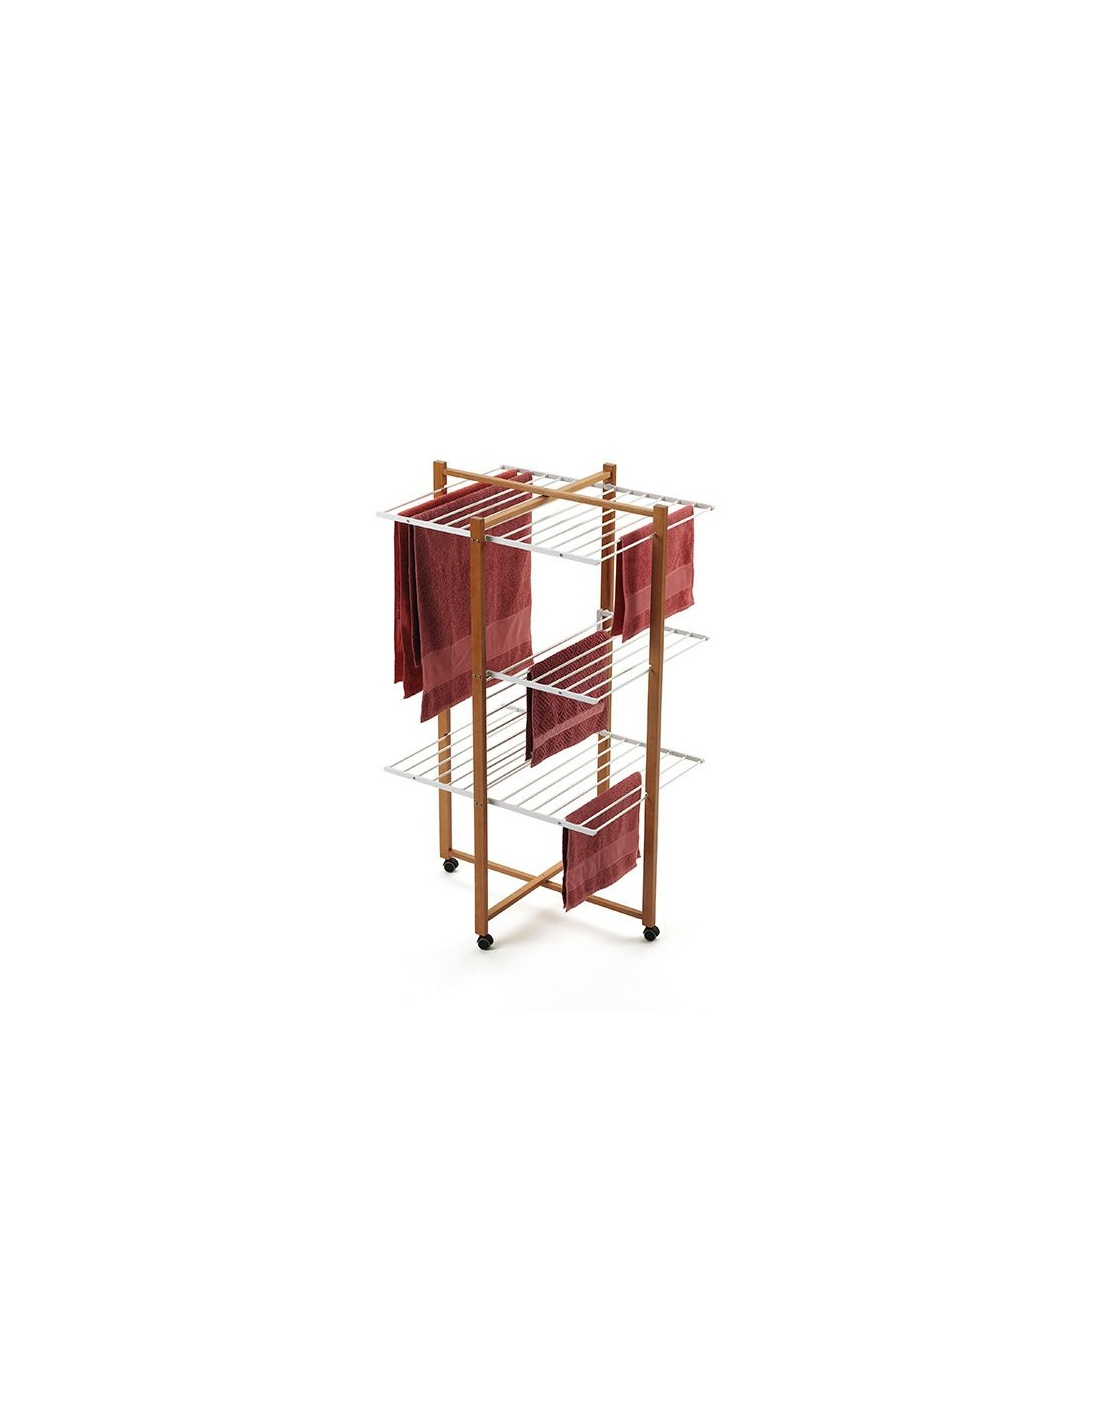 Stendibiancheria in legno a torre karisma 695 for Karisma arredamenti parrucchieri